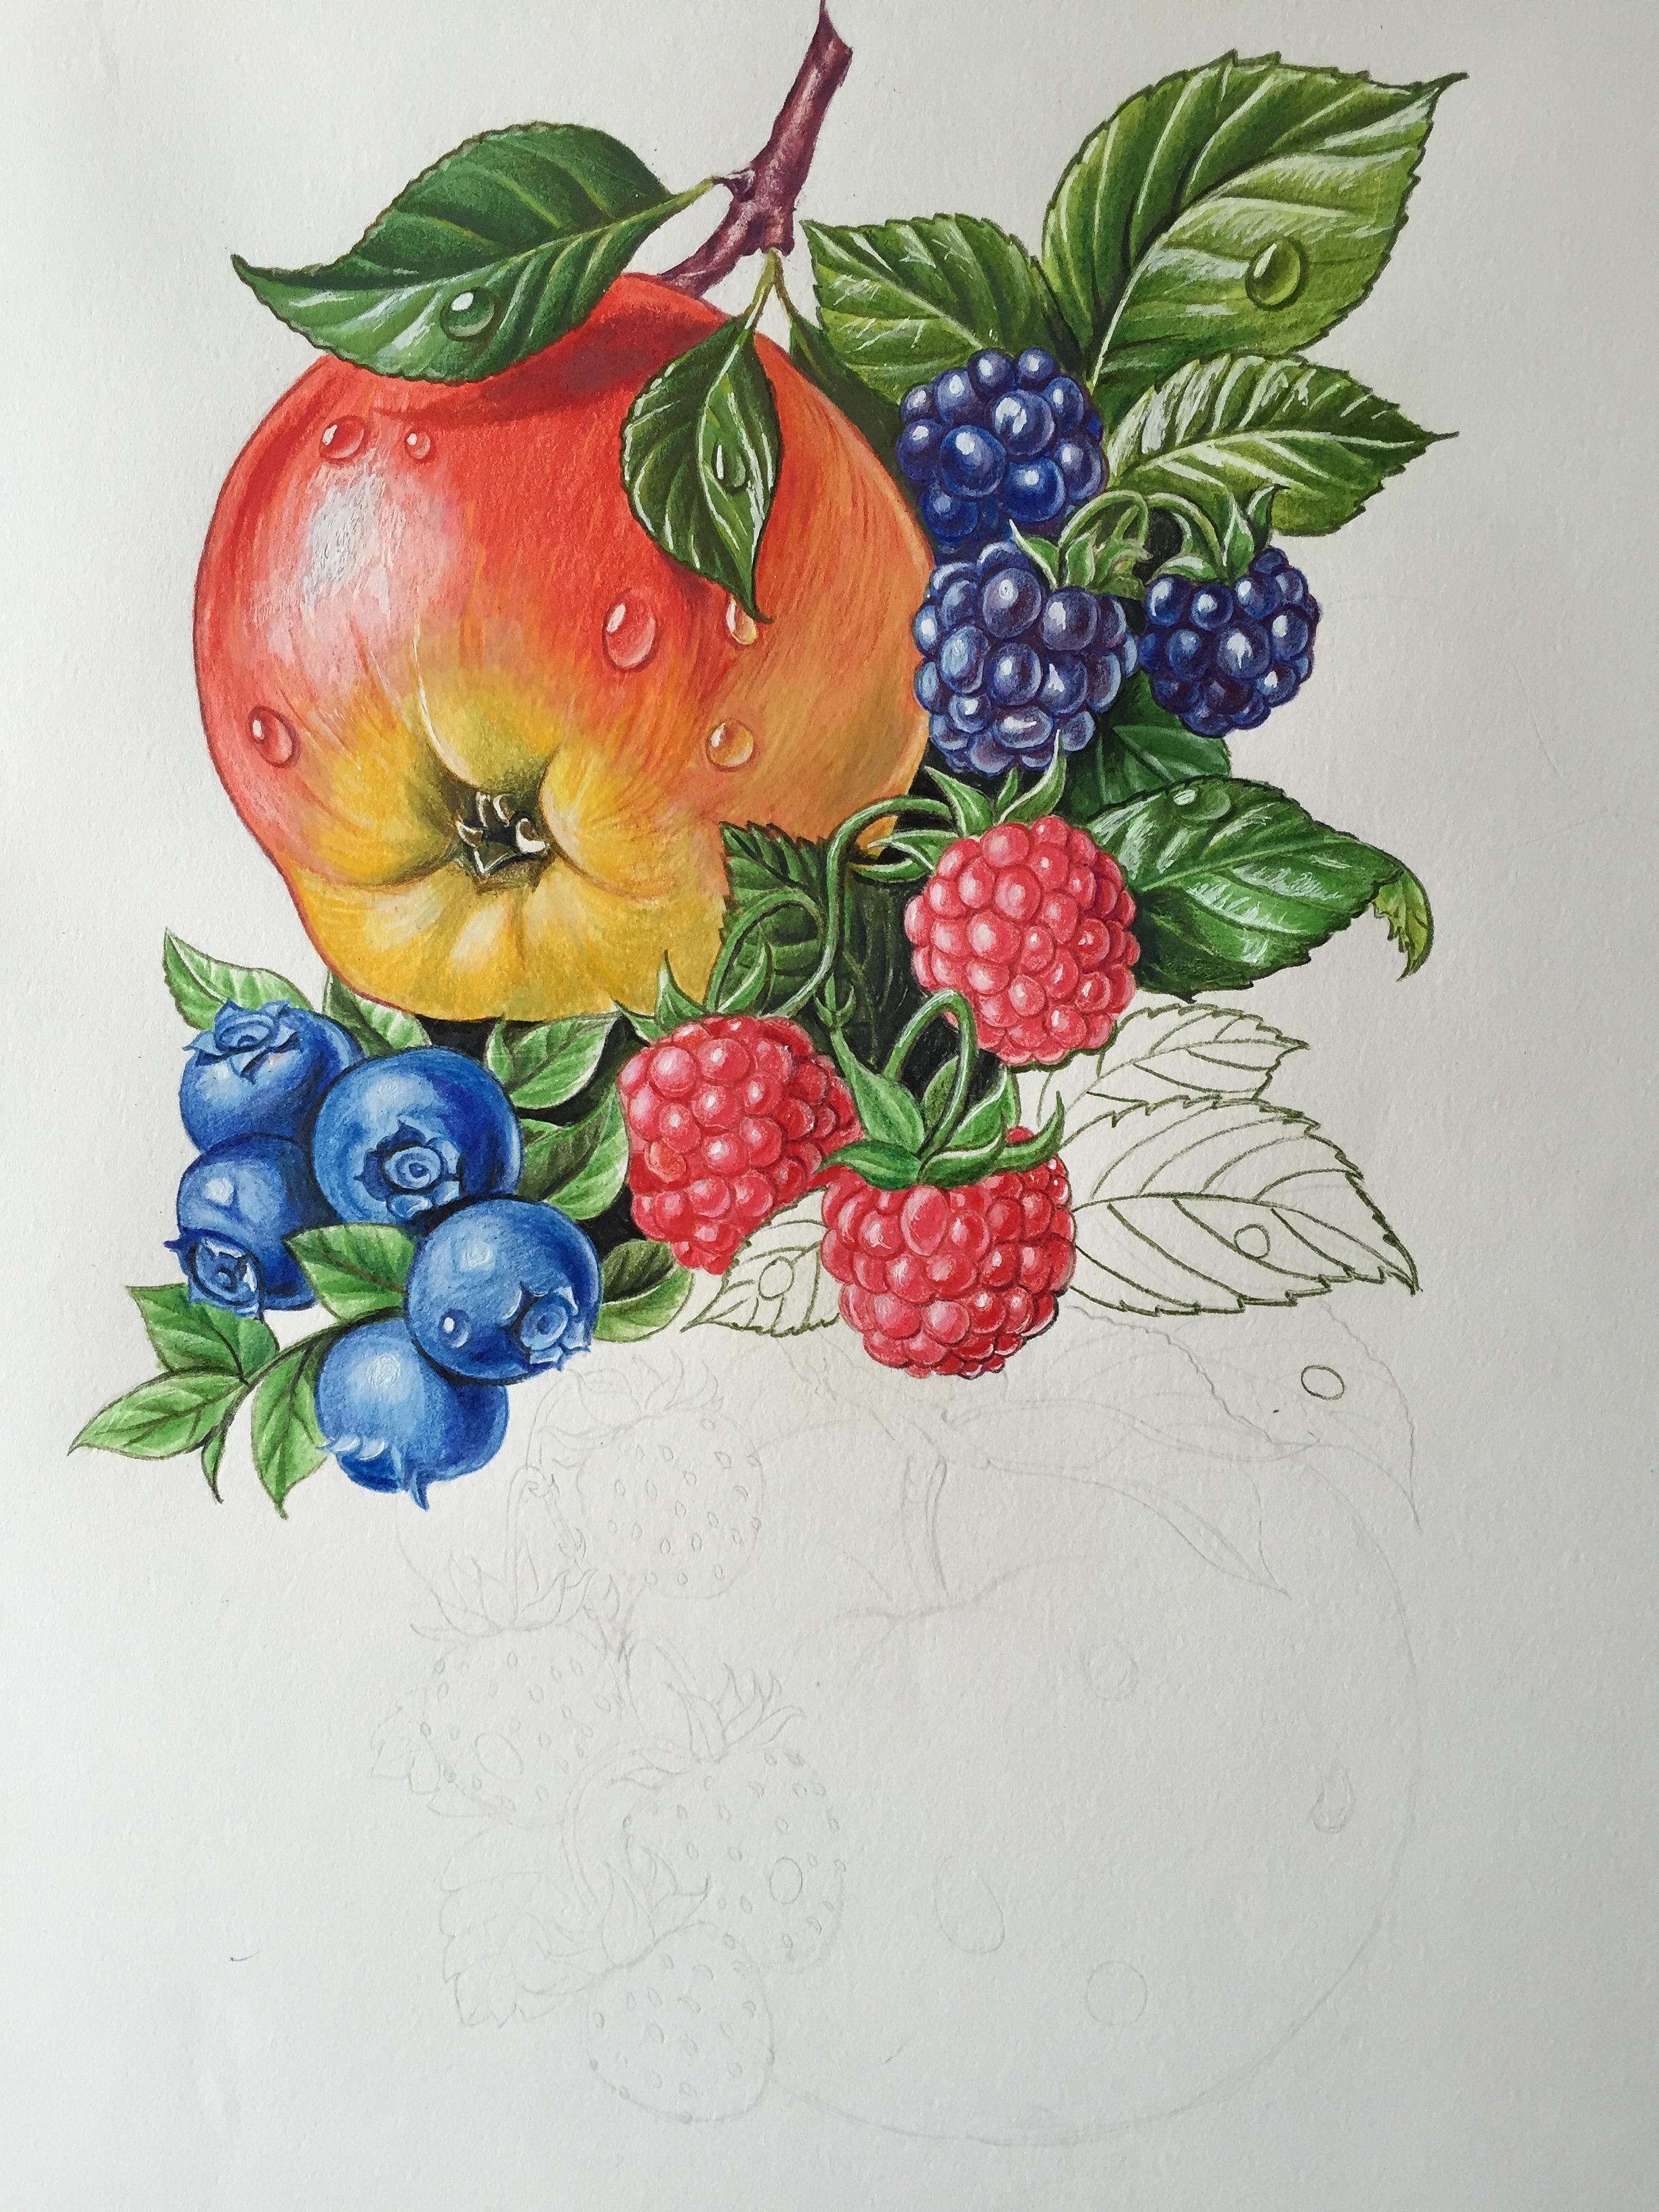 彩铅水果组合图片